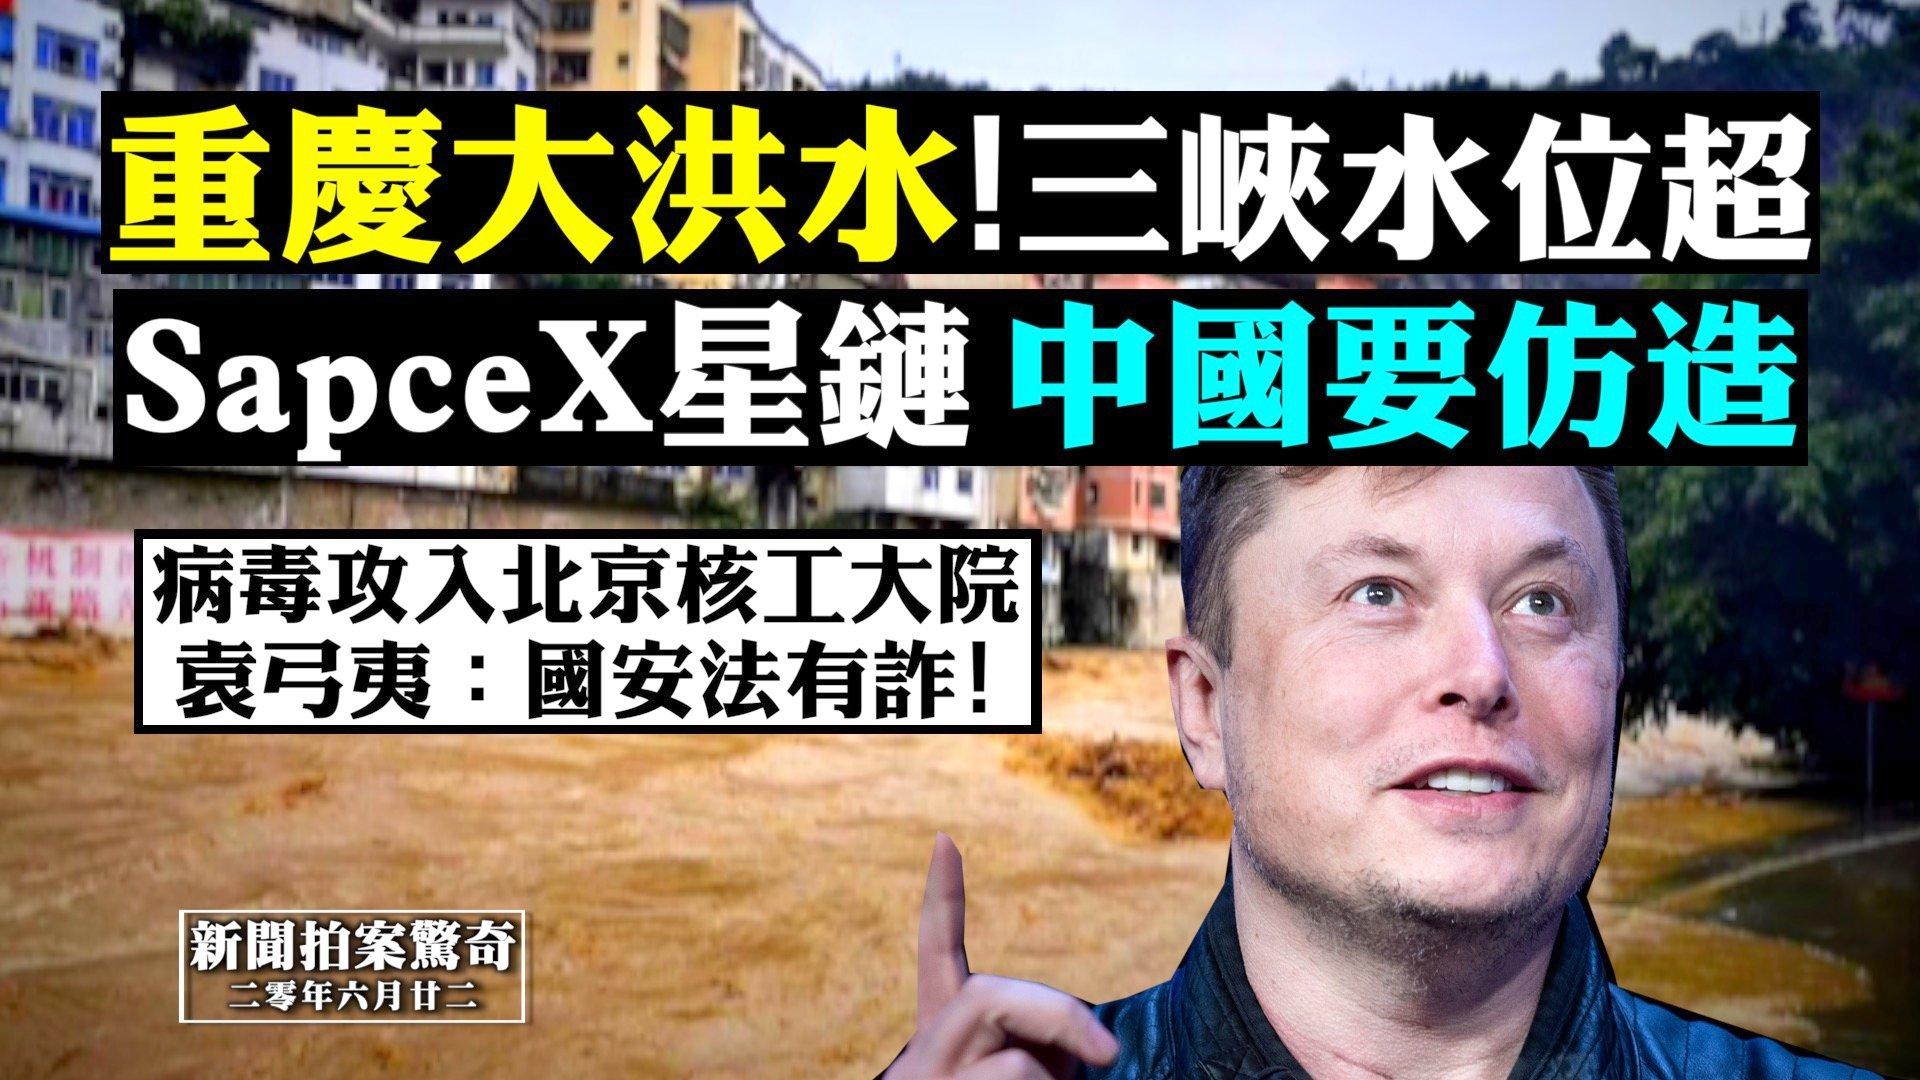 80年最大洪水襲重慶,民房漂流鐵路變形;中共要仿造SpaceX的星鏈?(新唐人合成)